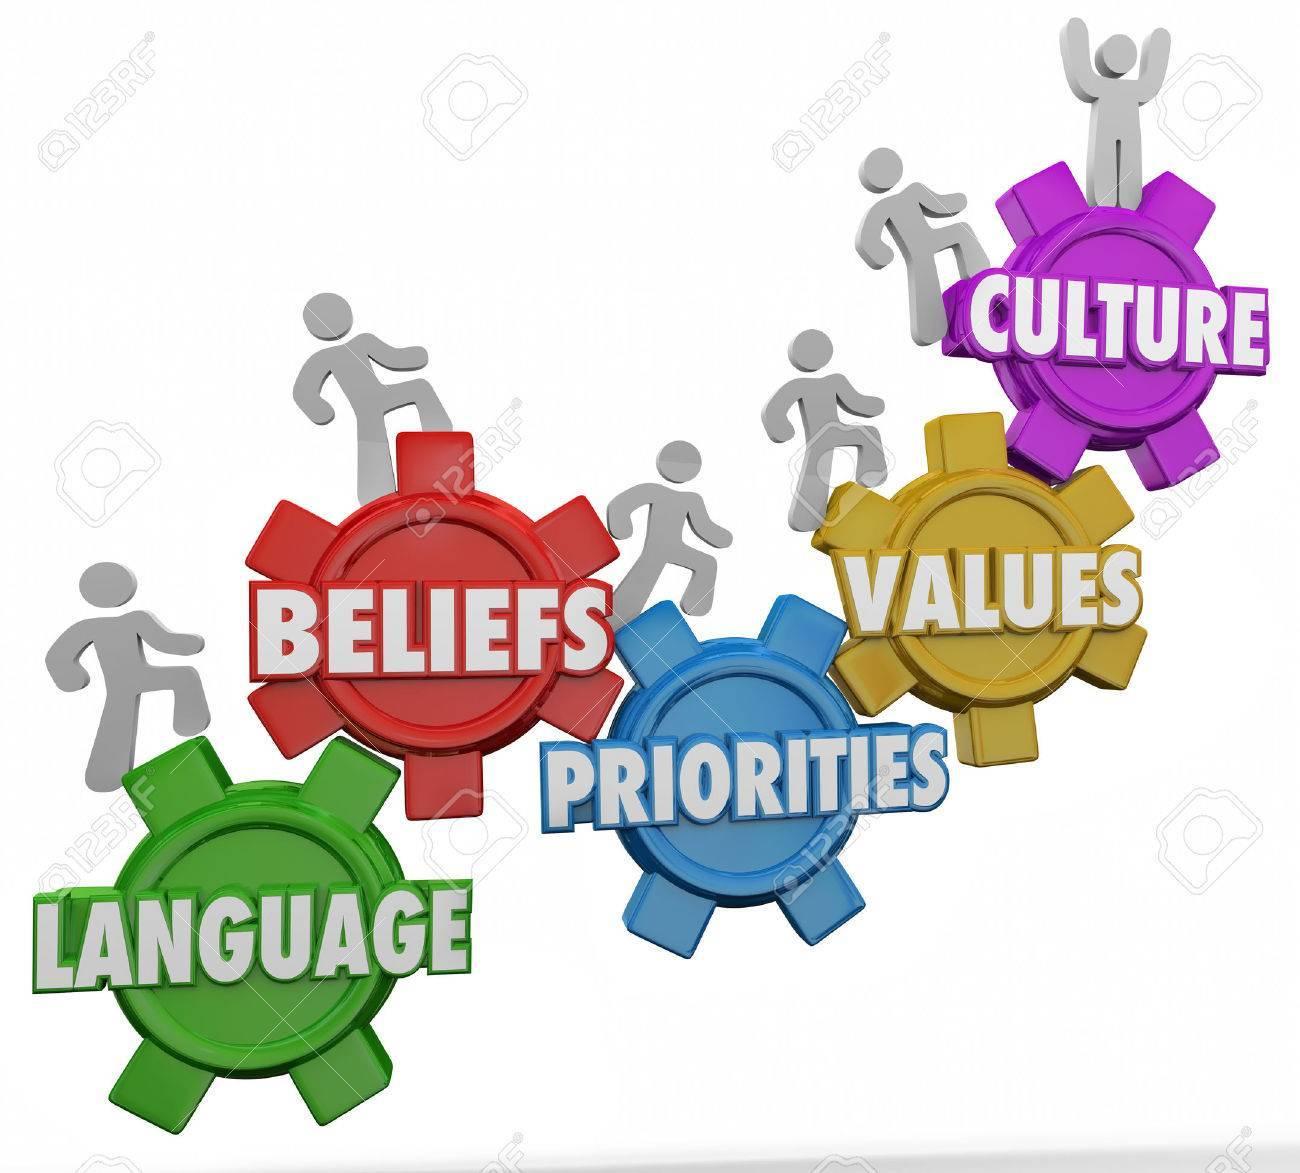 Organizational culture clipart 7 » Clipart Portal.